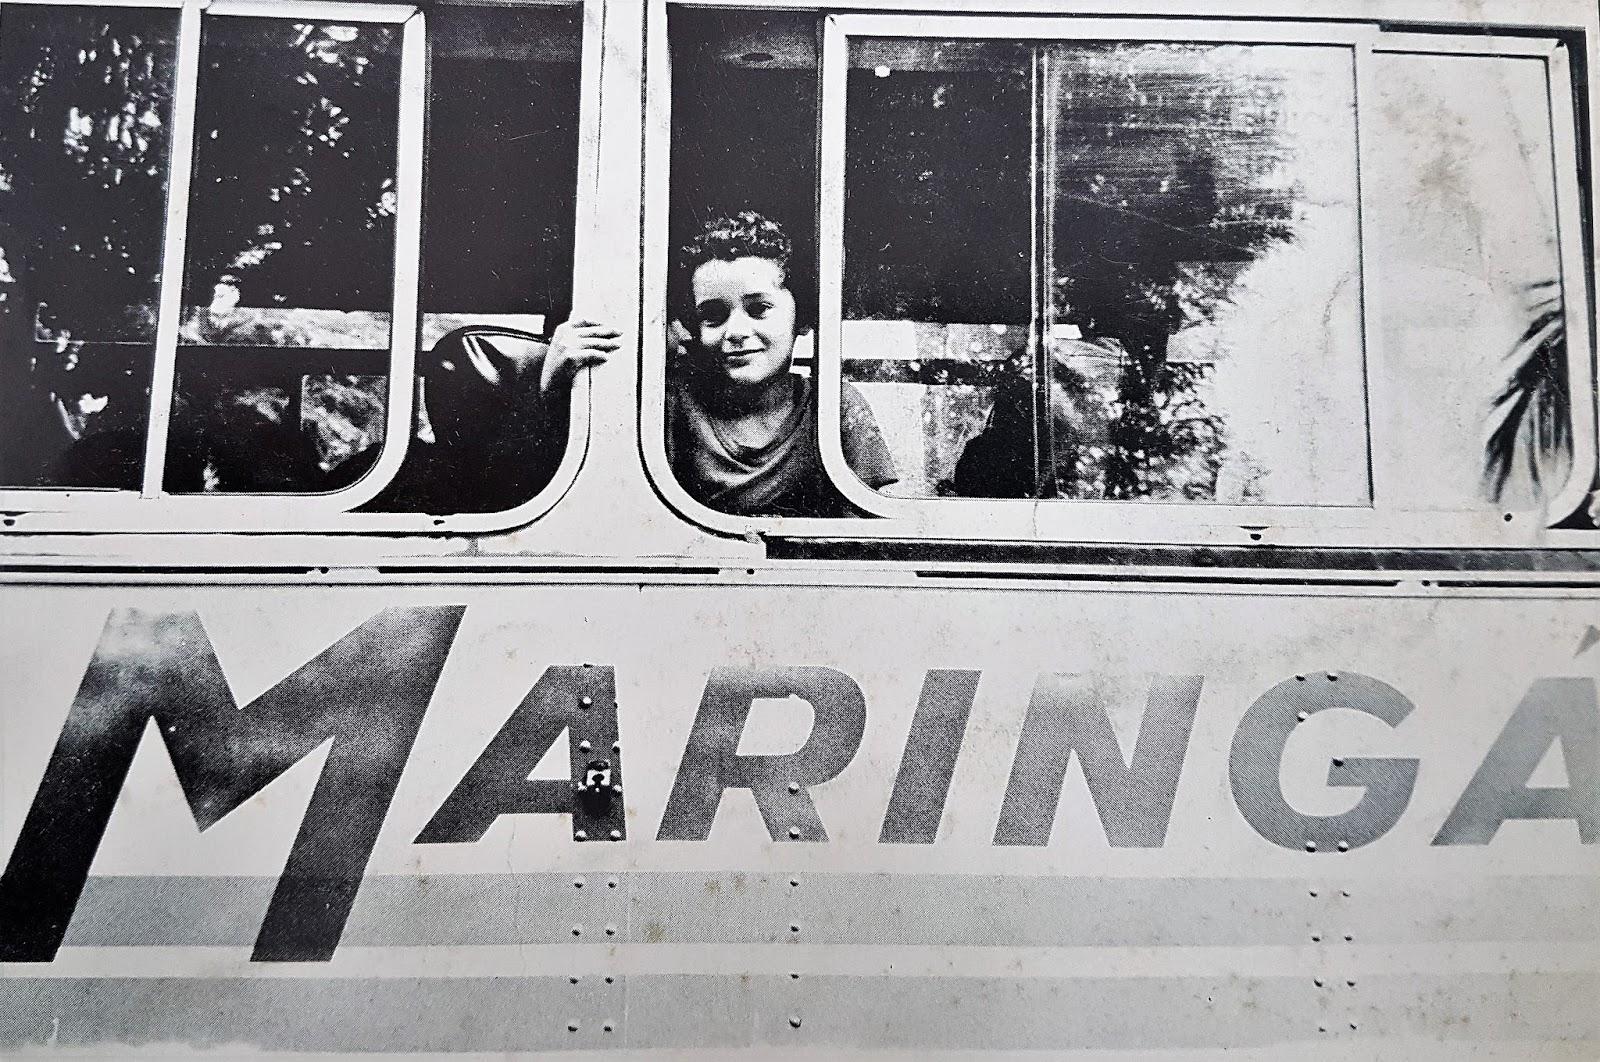 Garoto no ônibus - Anos 1990